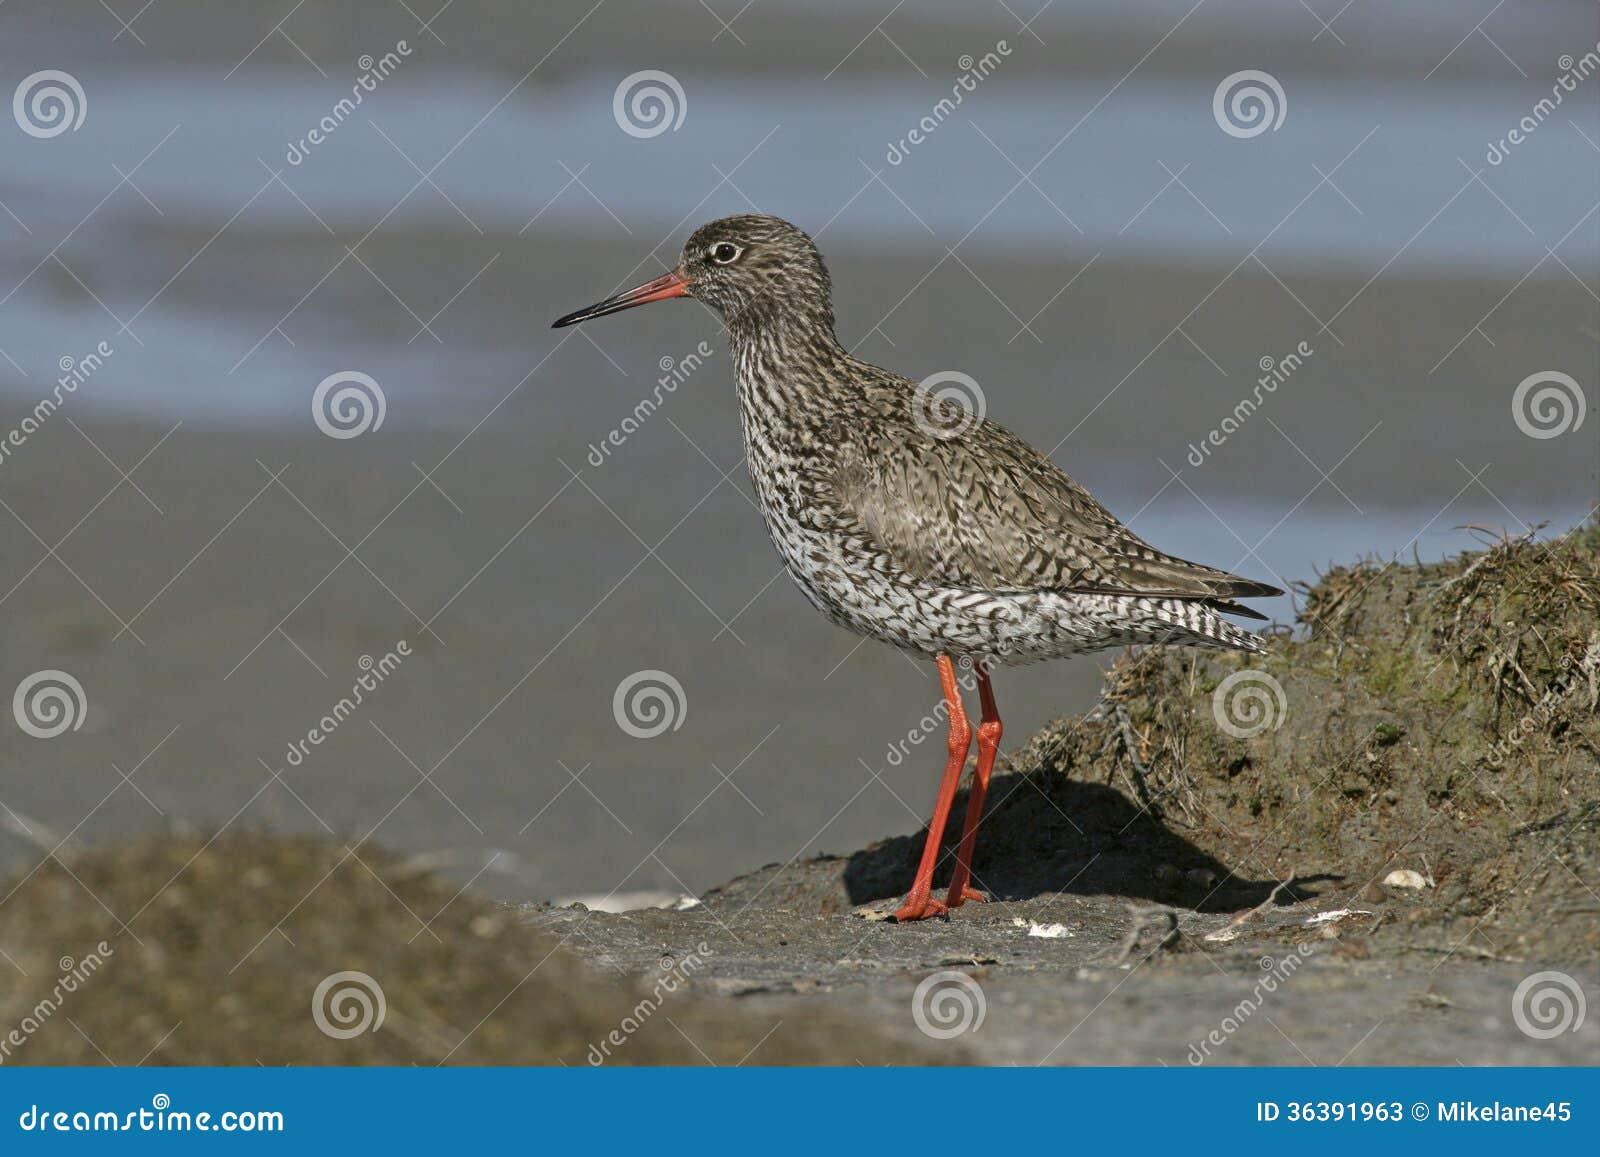 Redshank, Tringa totanus